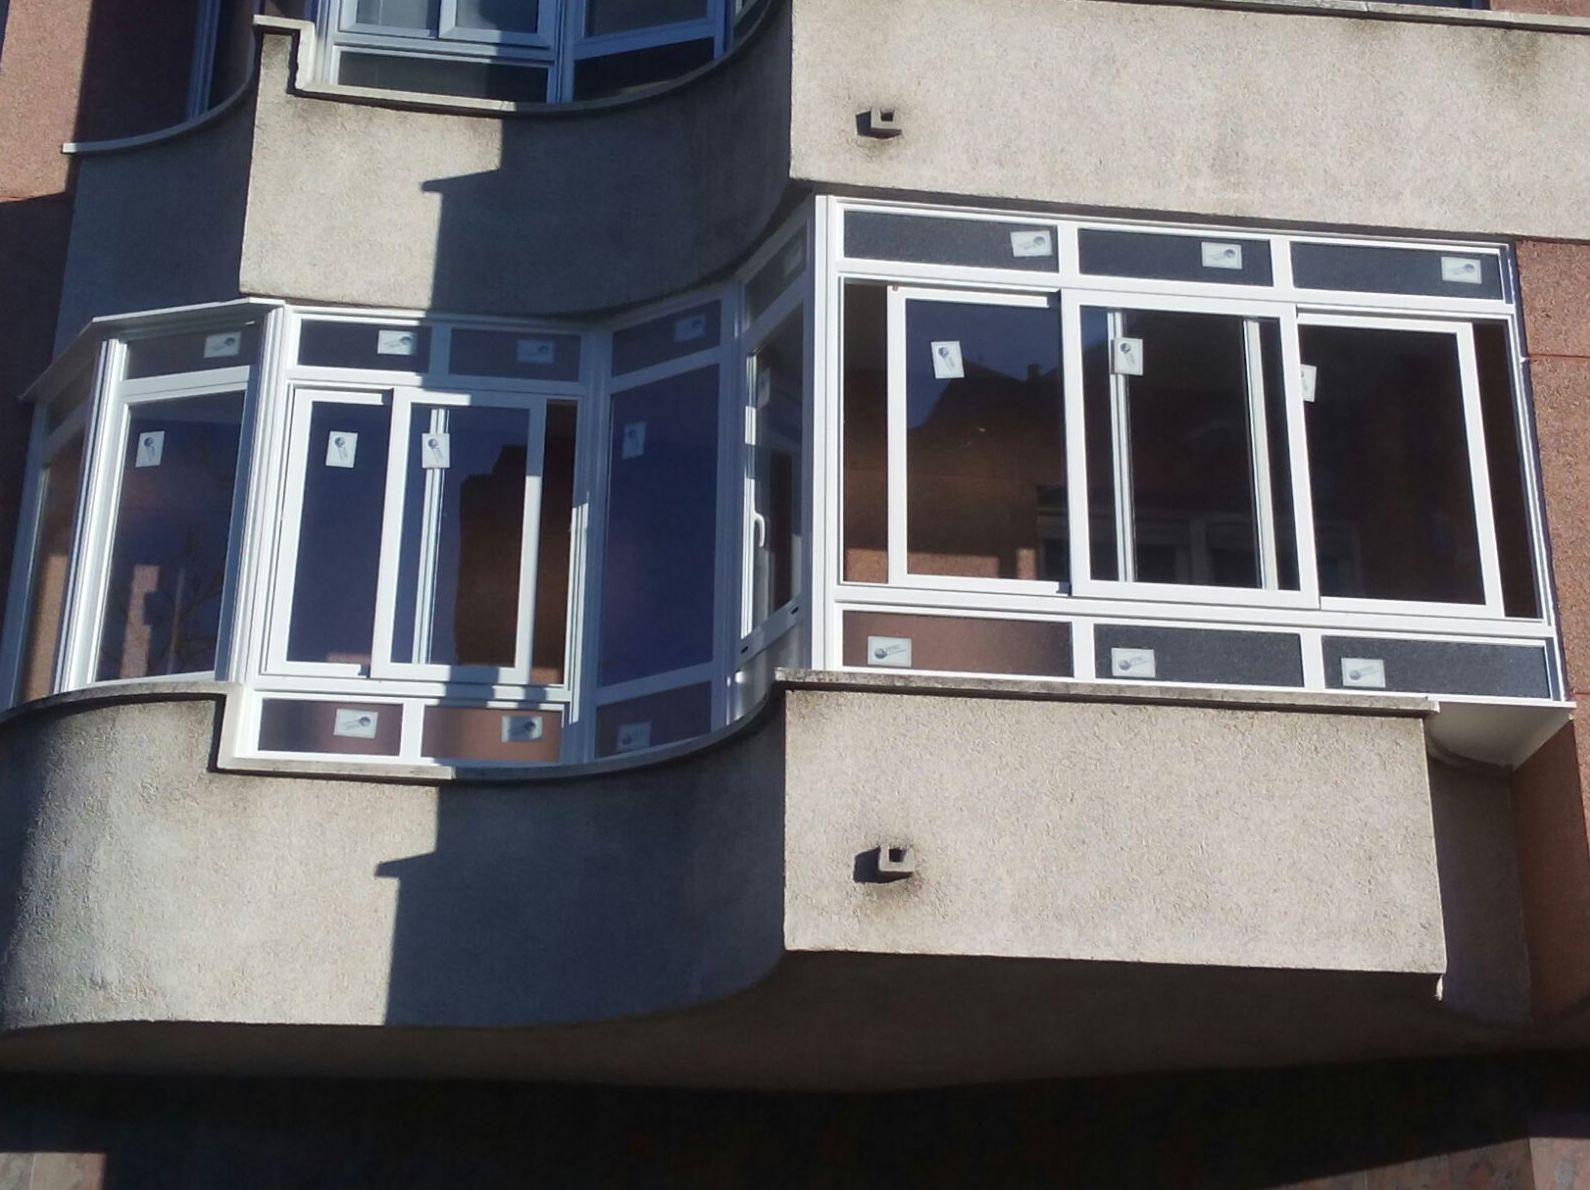 Foto 54 de Carpintería de aluminio, metálica y PVC en Vitoria-Gasteiz | Zurgal Aluminios, S.L.